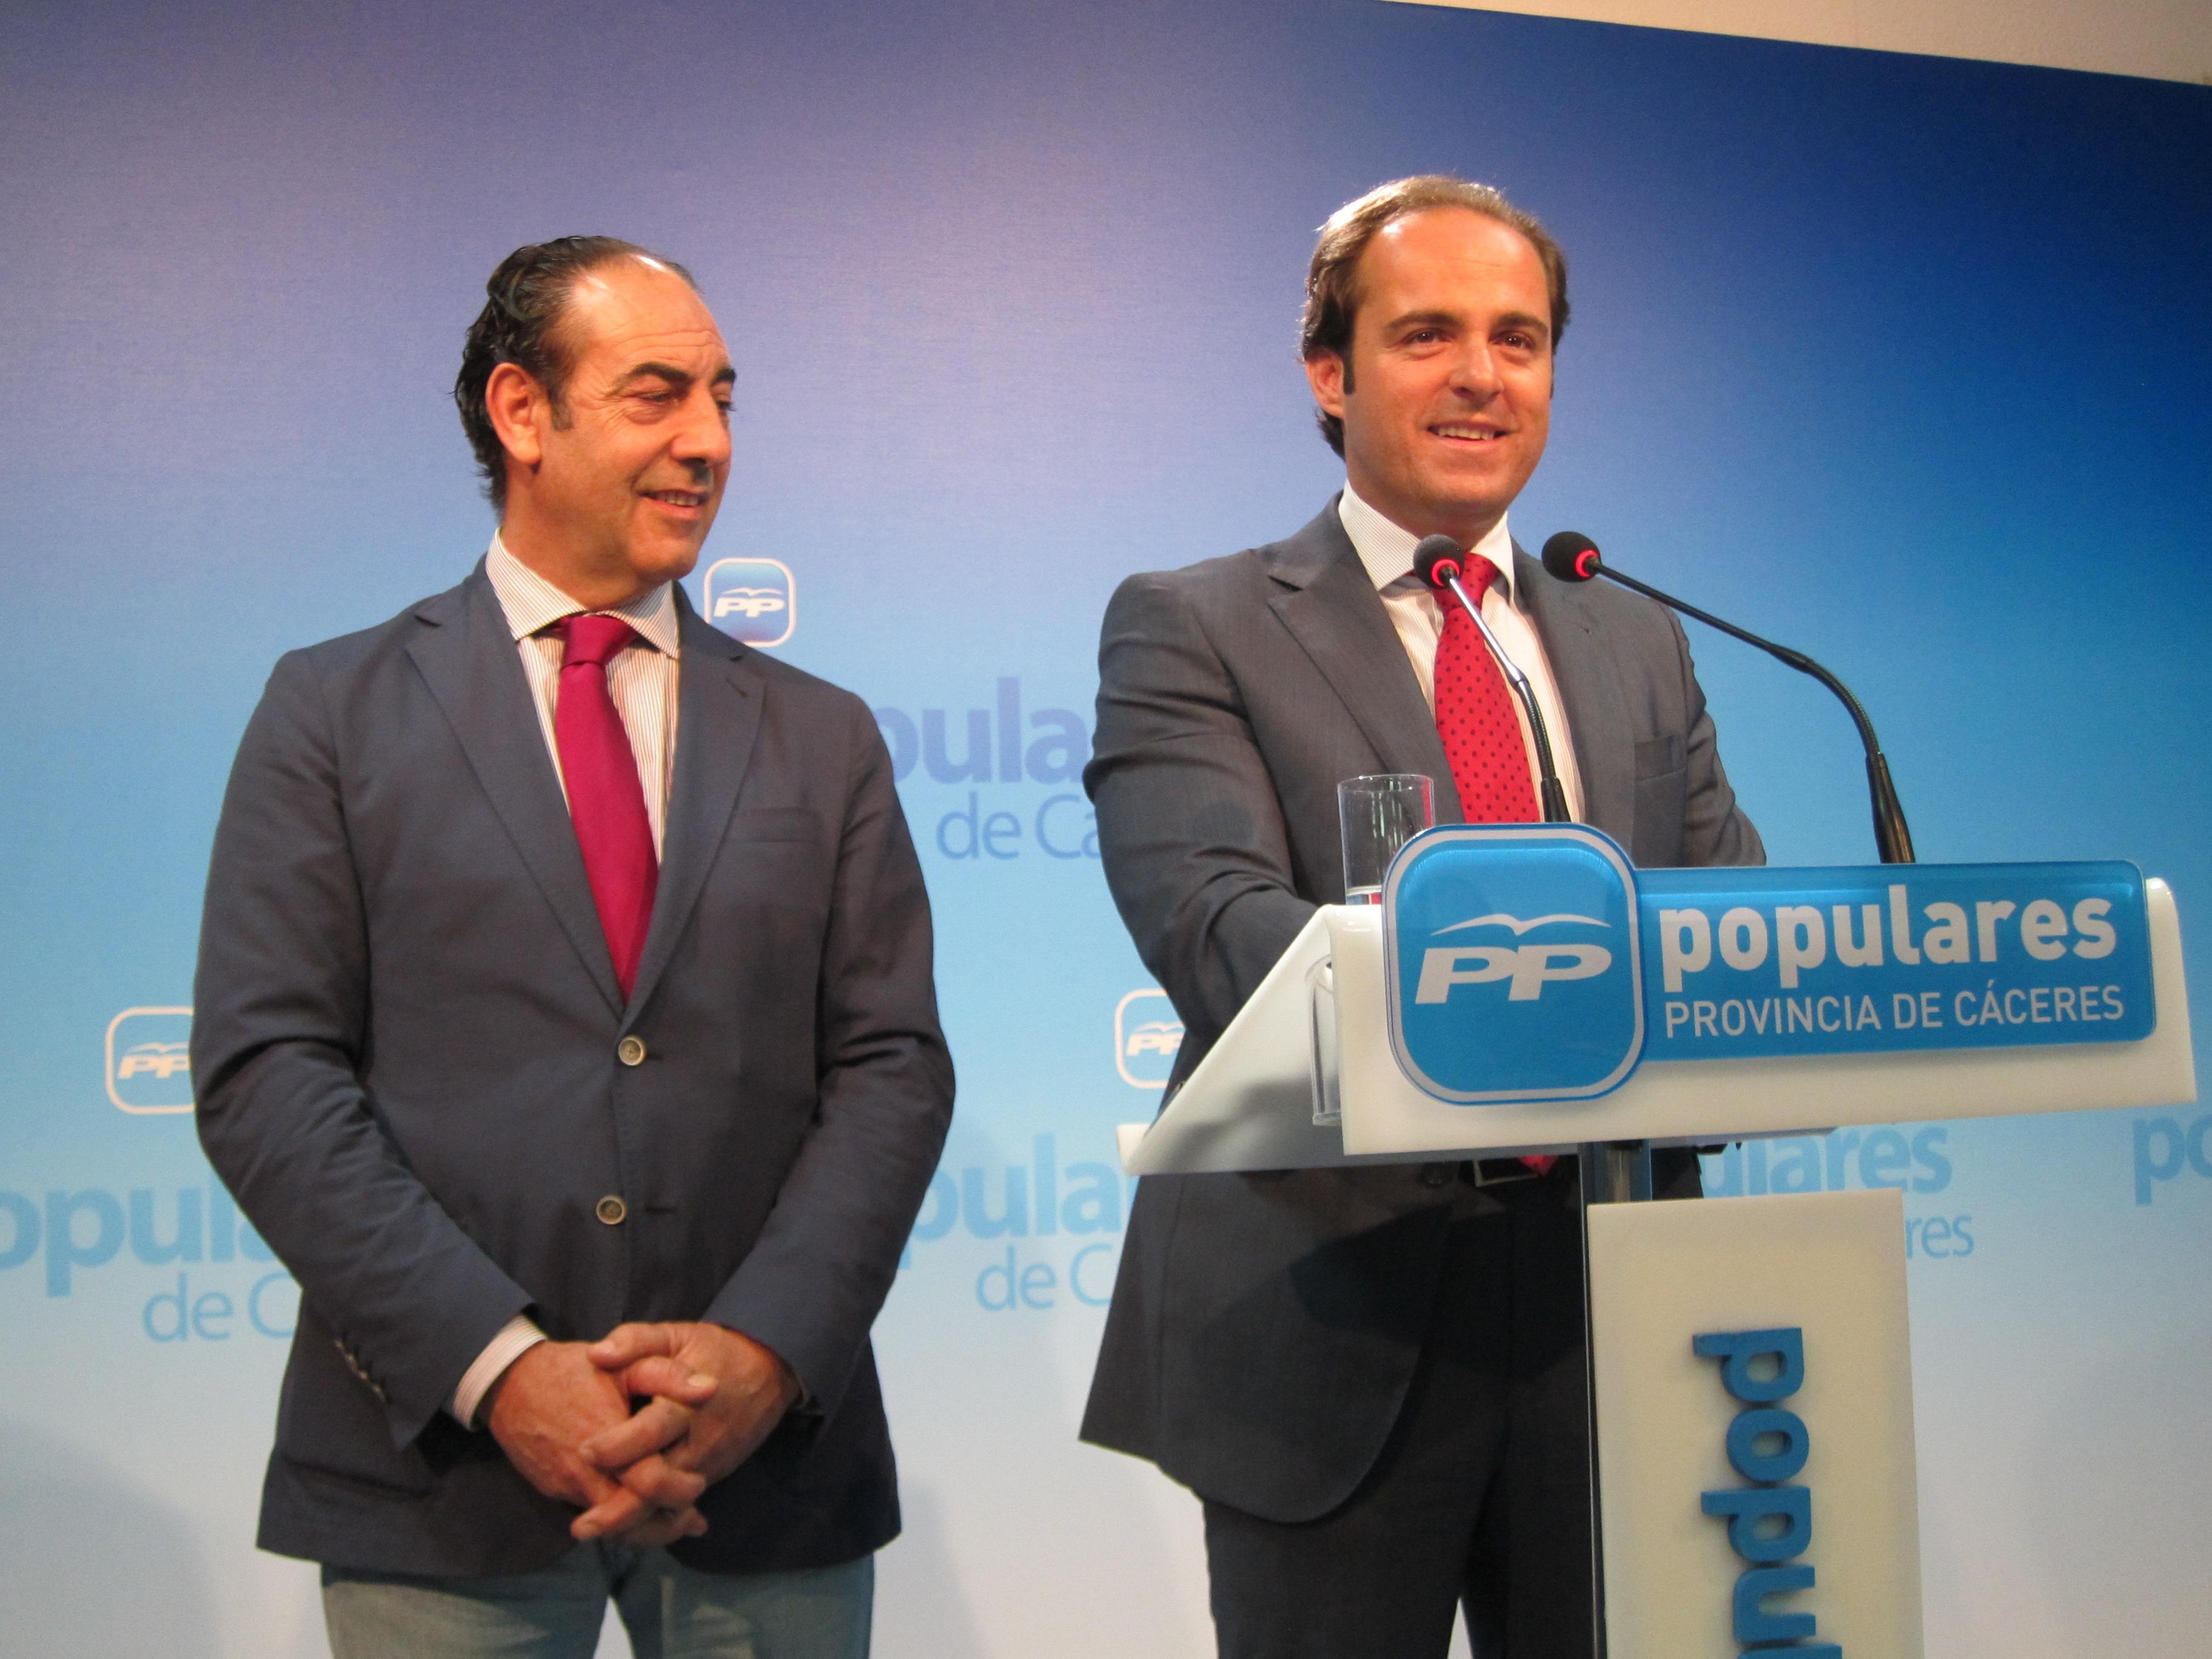 Monago defenderá en la reunión de presidentes con Rajoy que no haya un trato diferencial en cuanto al déficit